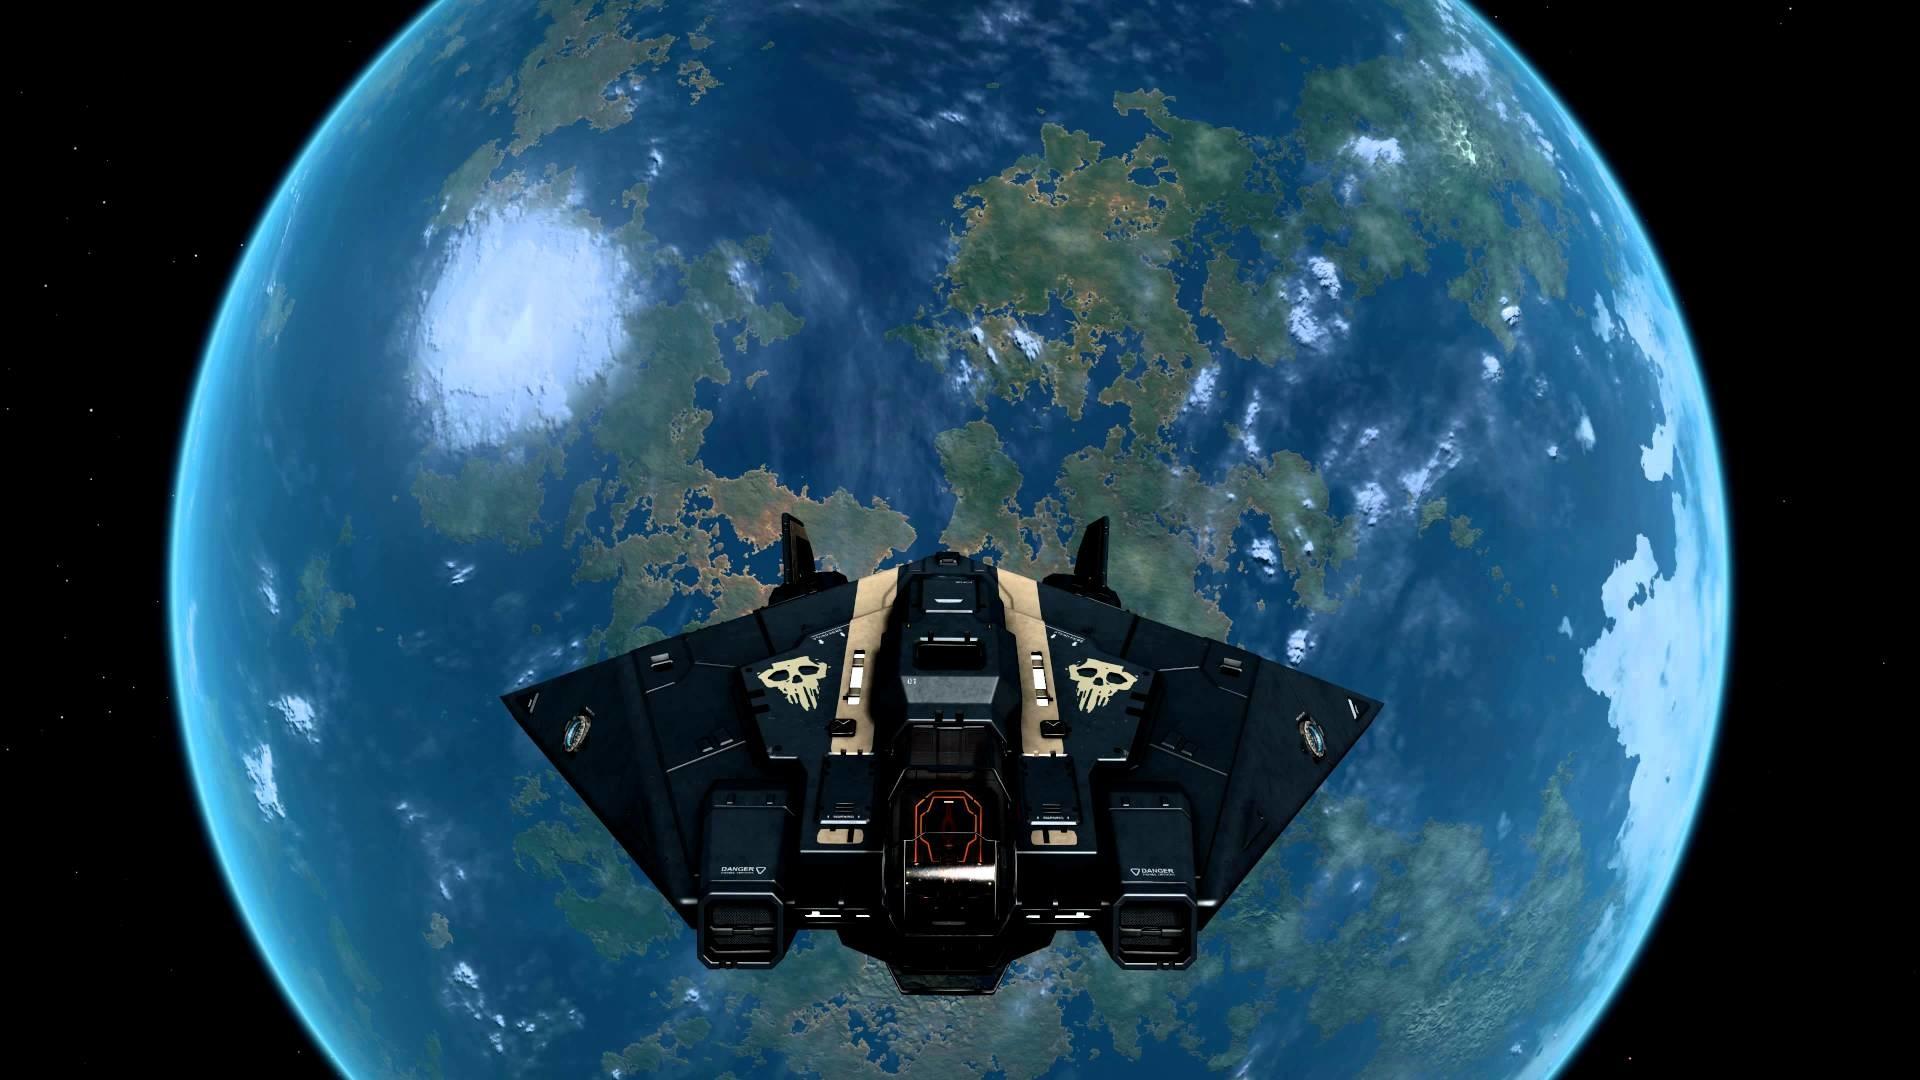 Elite Dangerous leaving PMC home world 03-28-15, in 4k